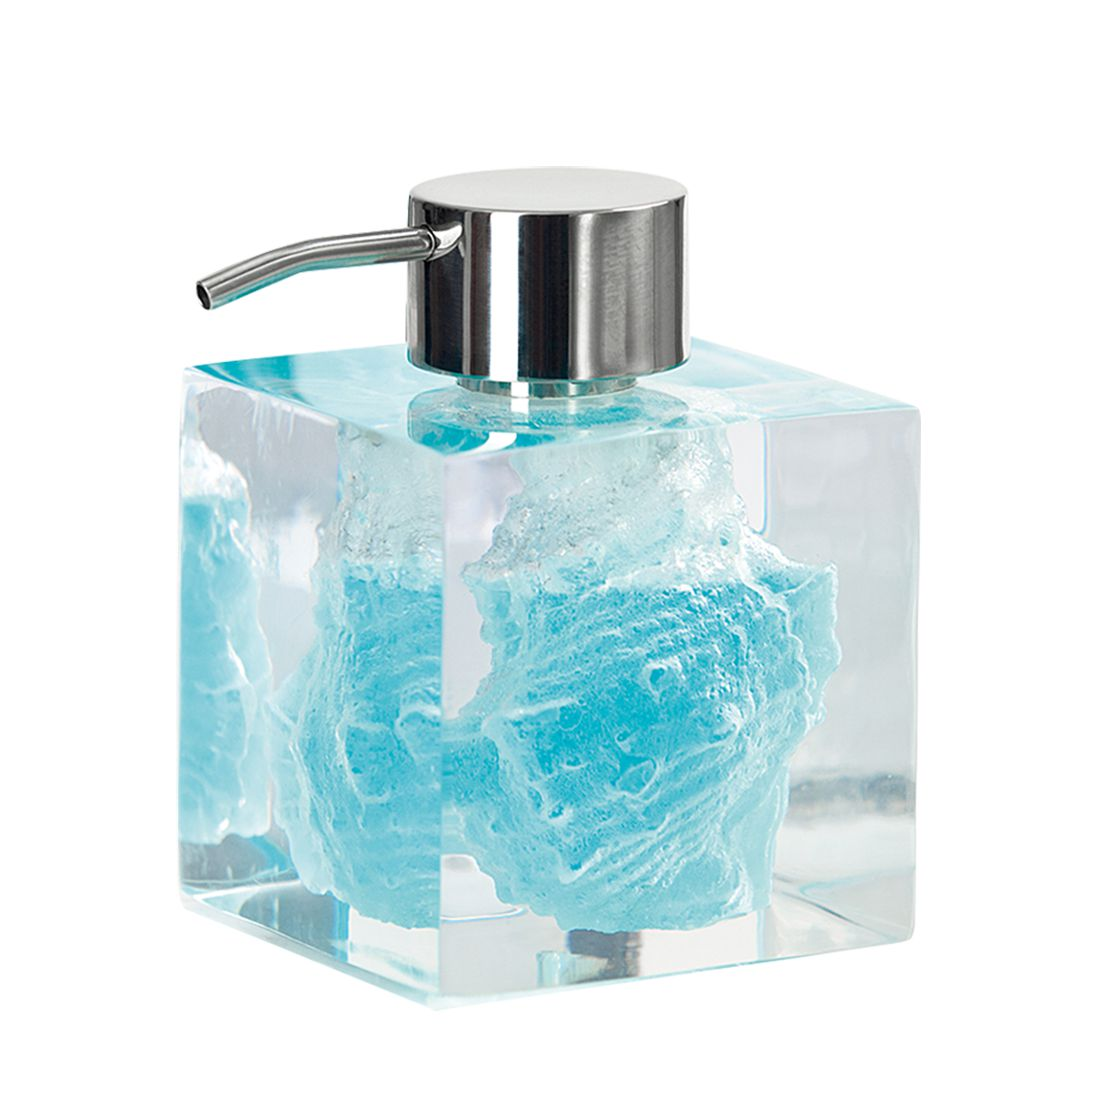 Home 24 - Distributeur de savon concha - transparent, batex